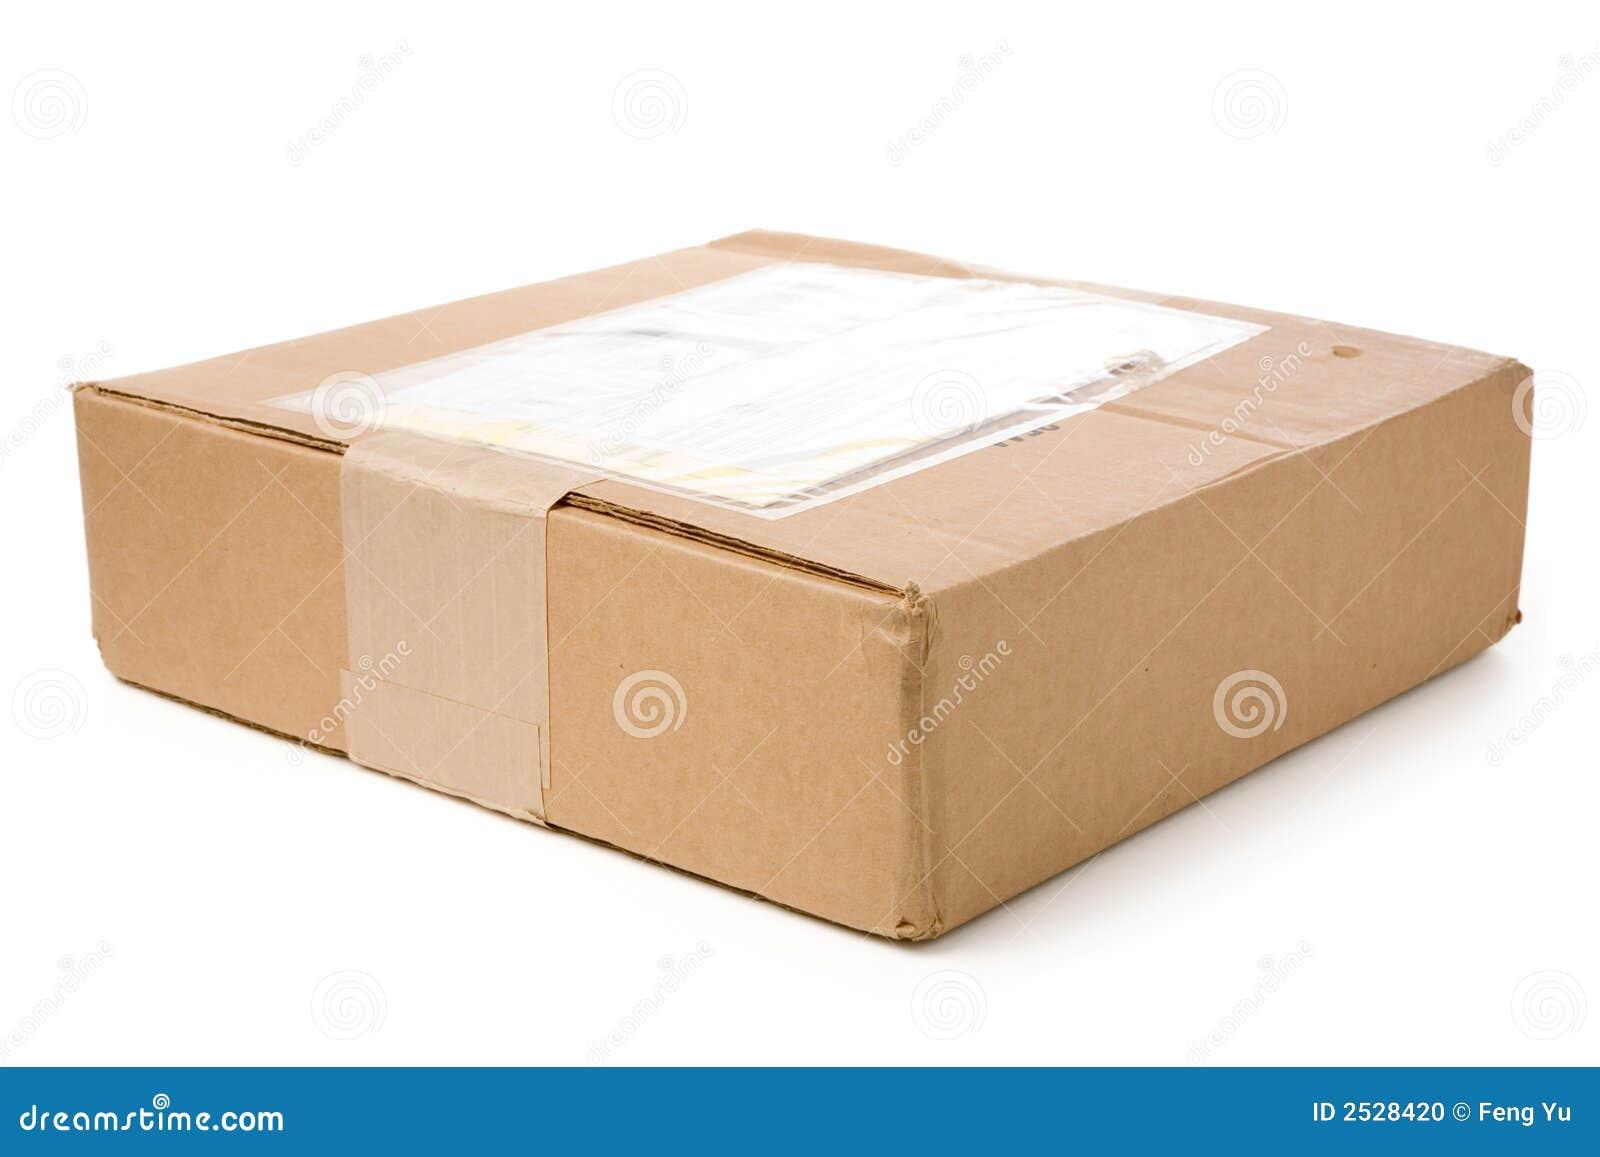 Postpacke